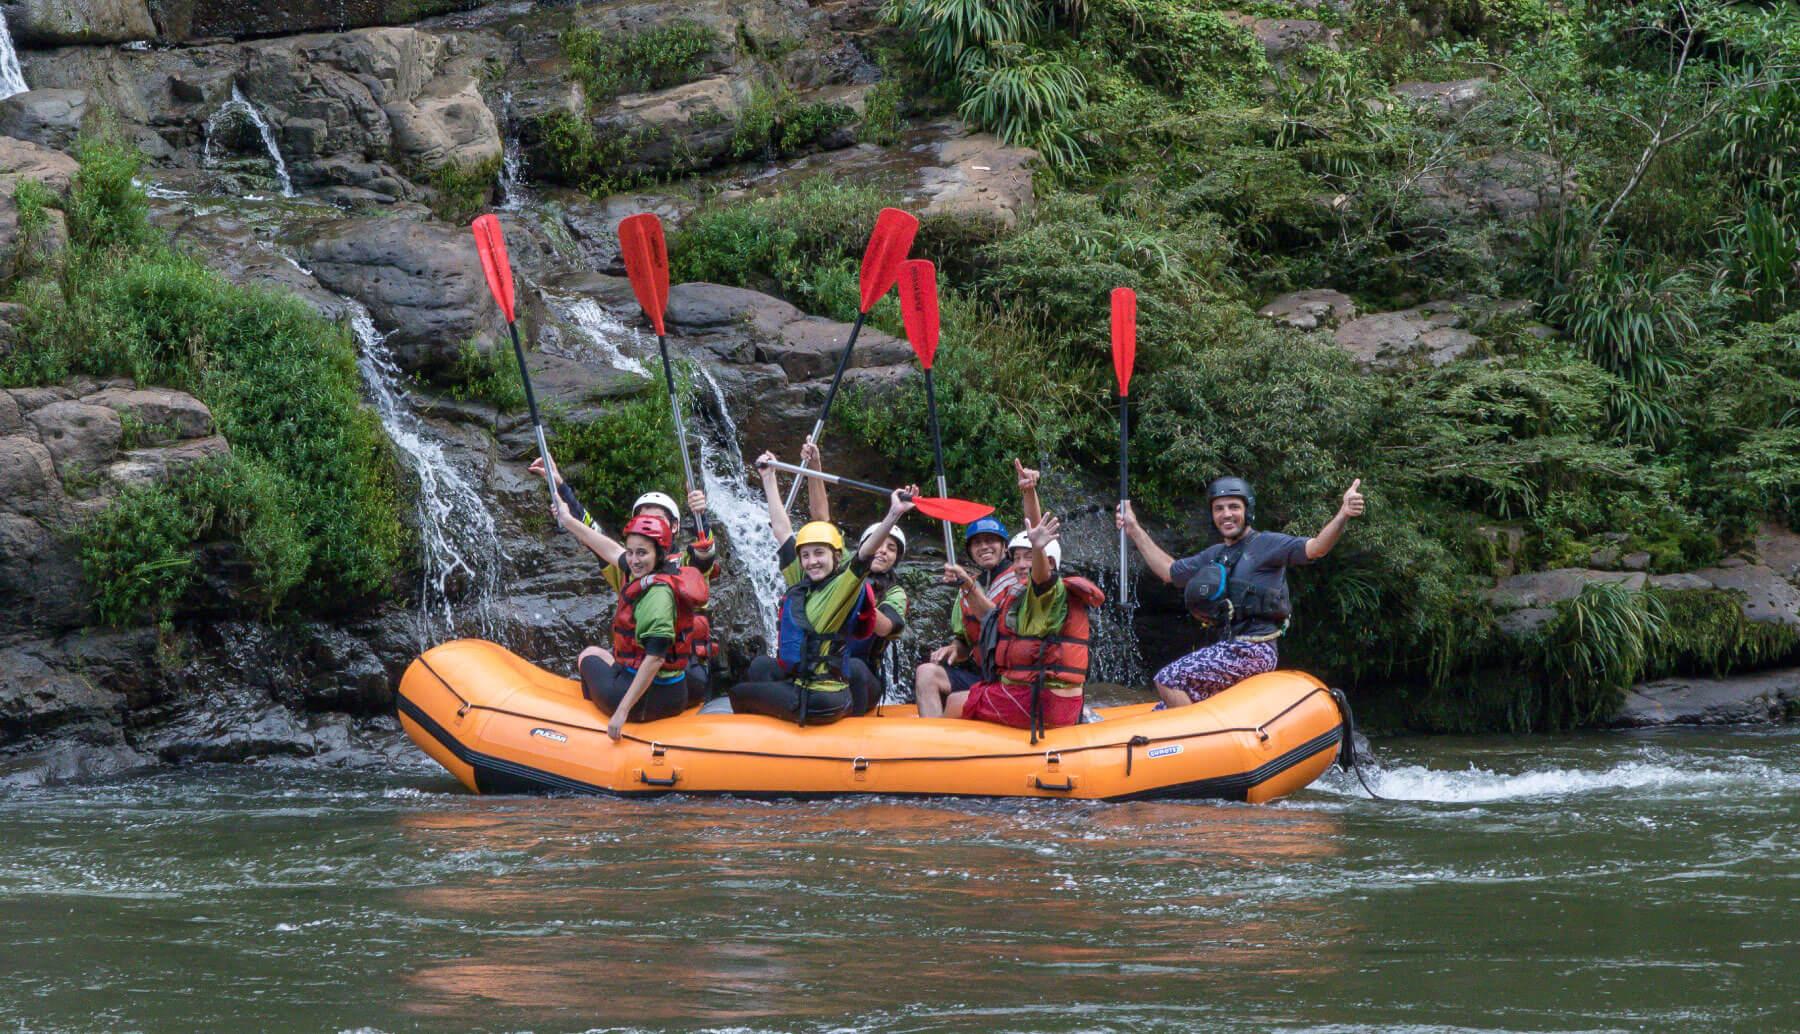 Happy rafters in a rafting boat in Tena, Ecuador.